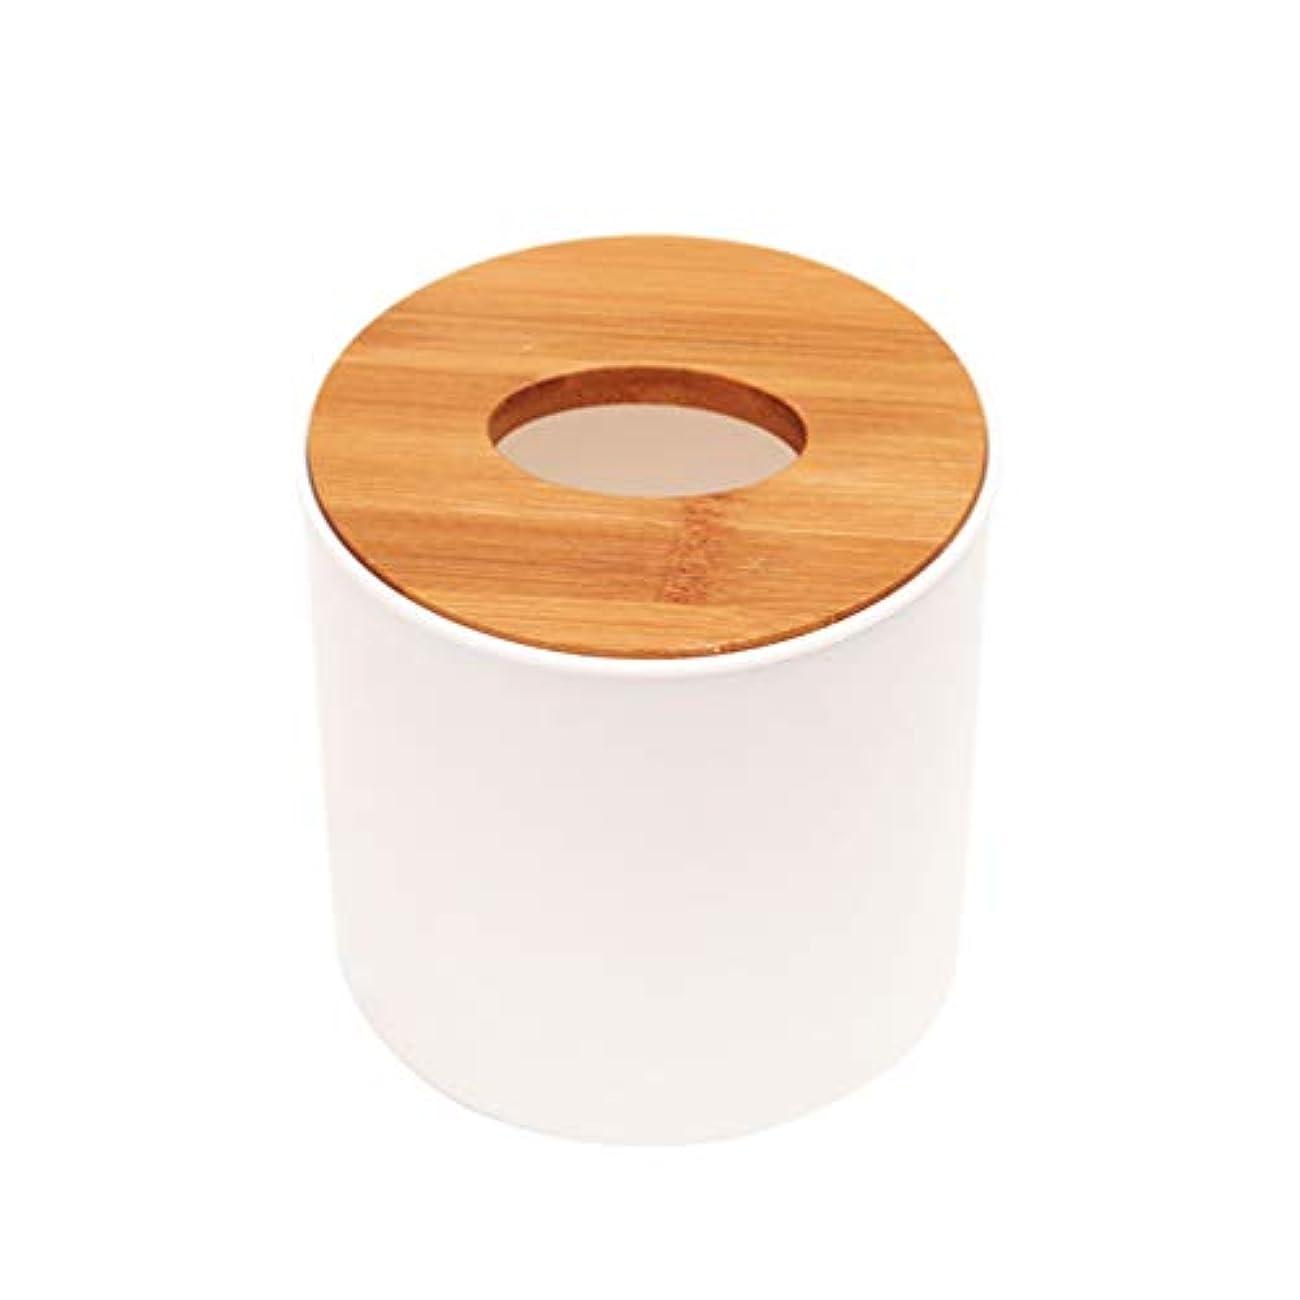 使用法つなぐバケツTOPBATHY 2ピースティッシュボックス円筒木製カバープラスチック耐久性のあるティッシュペーパーホルダーオフィスホーム用品白